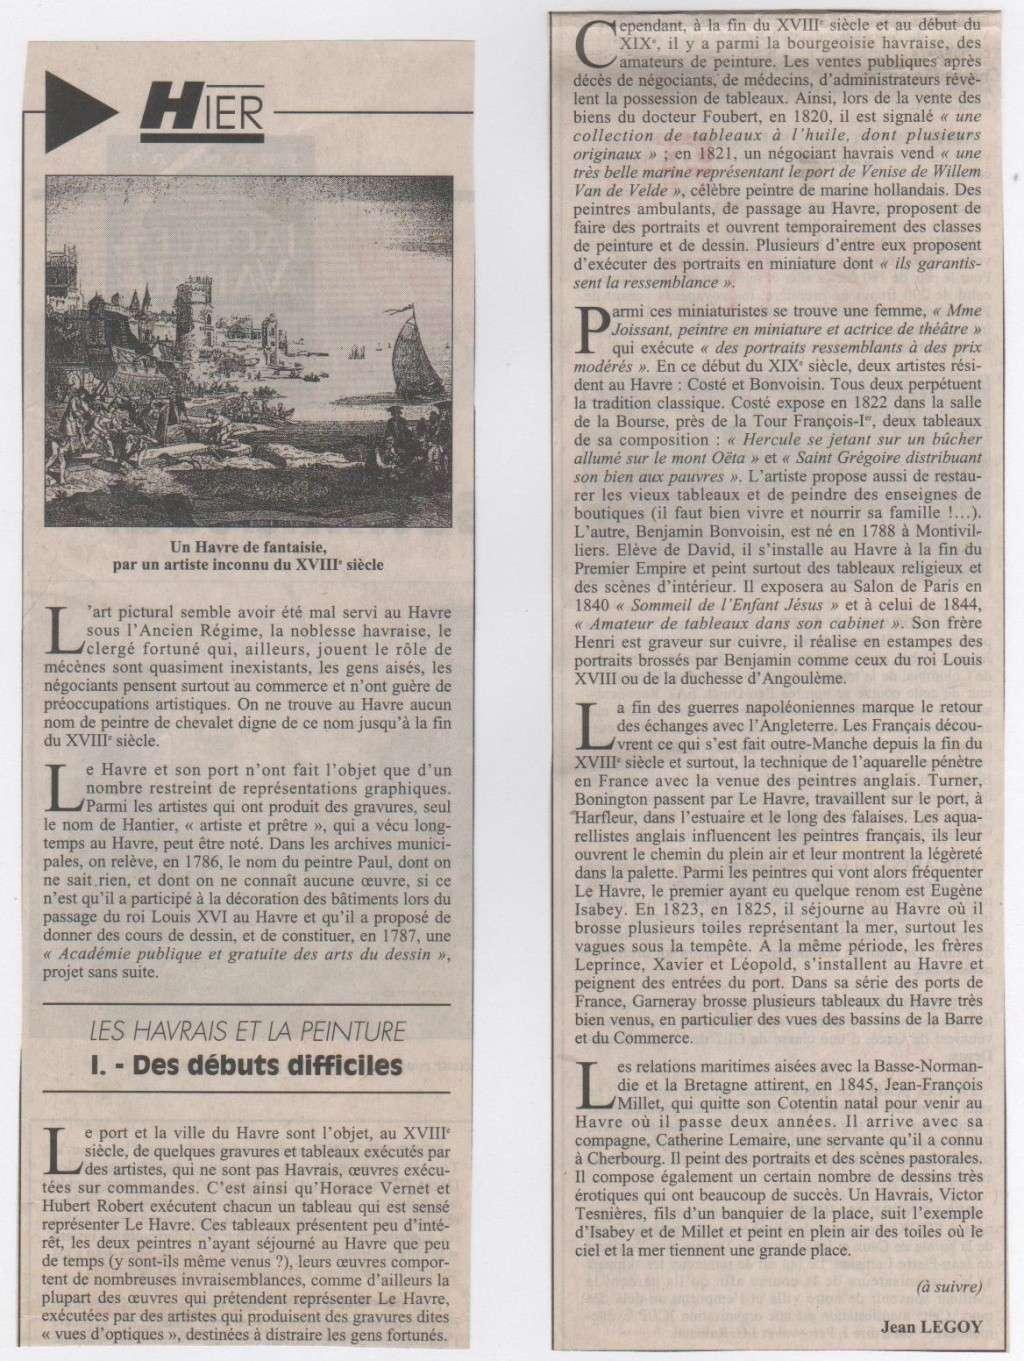 bléville - Hier, Le Havre par Jean LEGOY - Page 4 Les_ha15